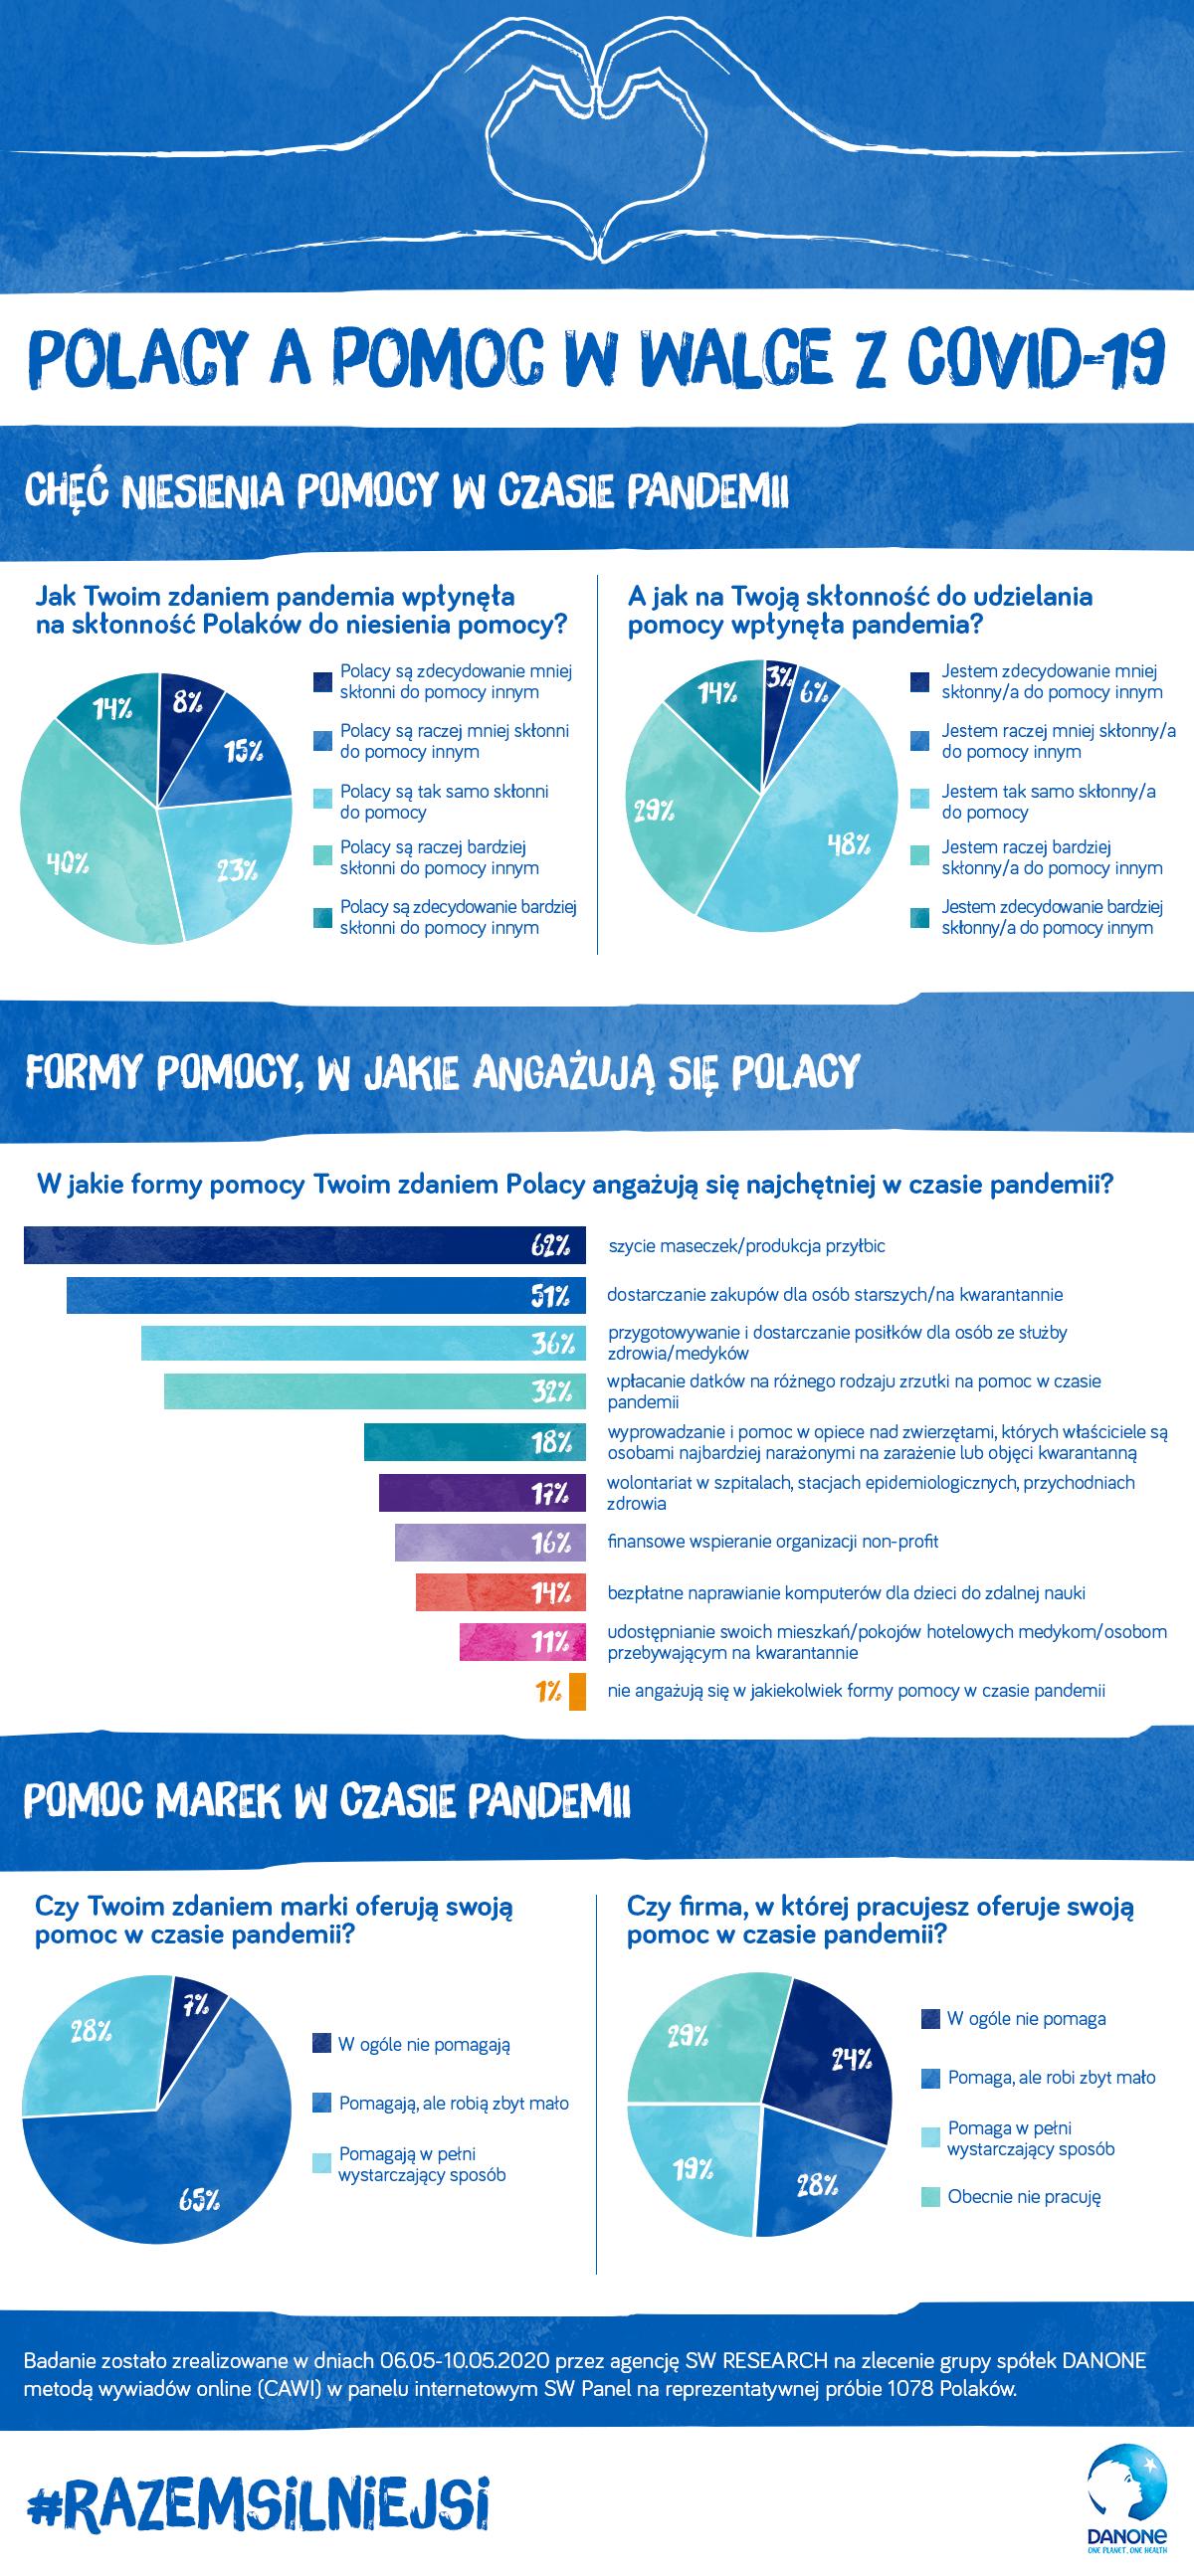 Badanie Danone: Polacy a pomoc w walce z Covid-19